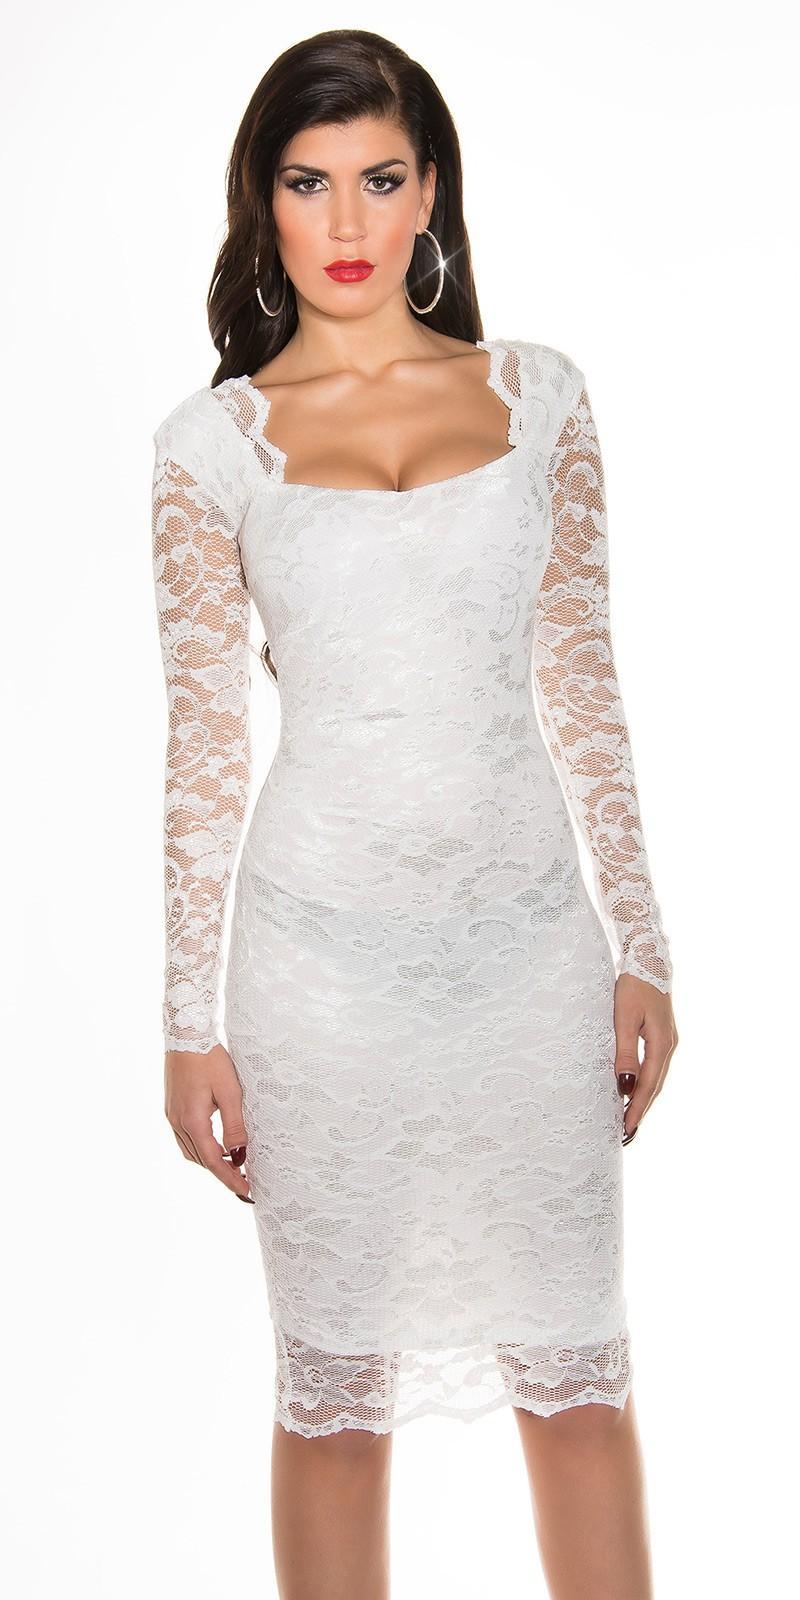 09d0b4a45a0c Obrázok pre Púzdrové čipkované šaty   biele. -30%